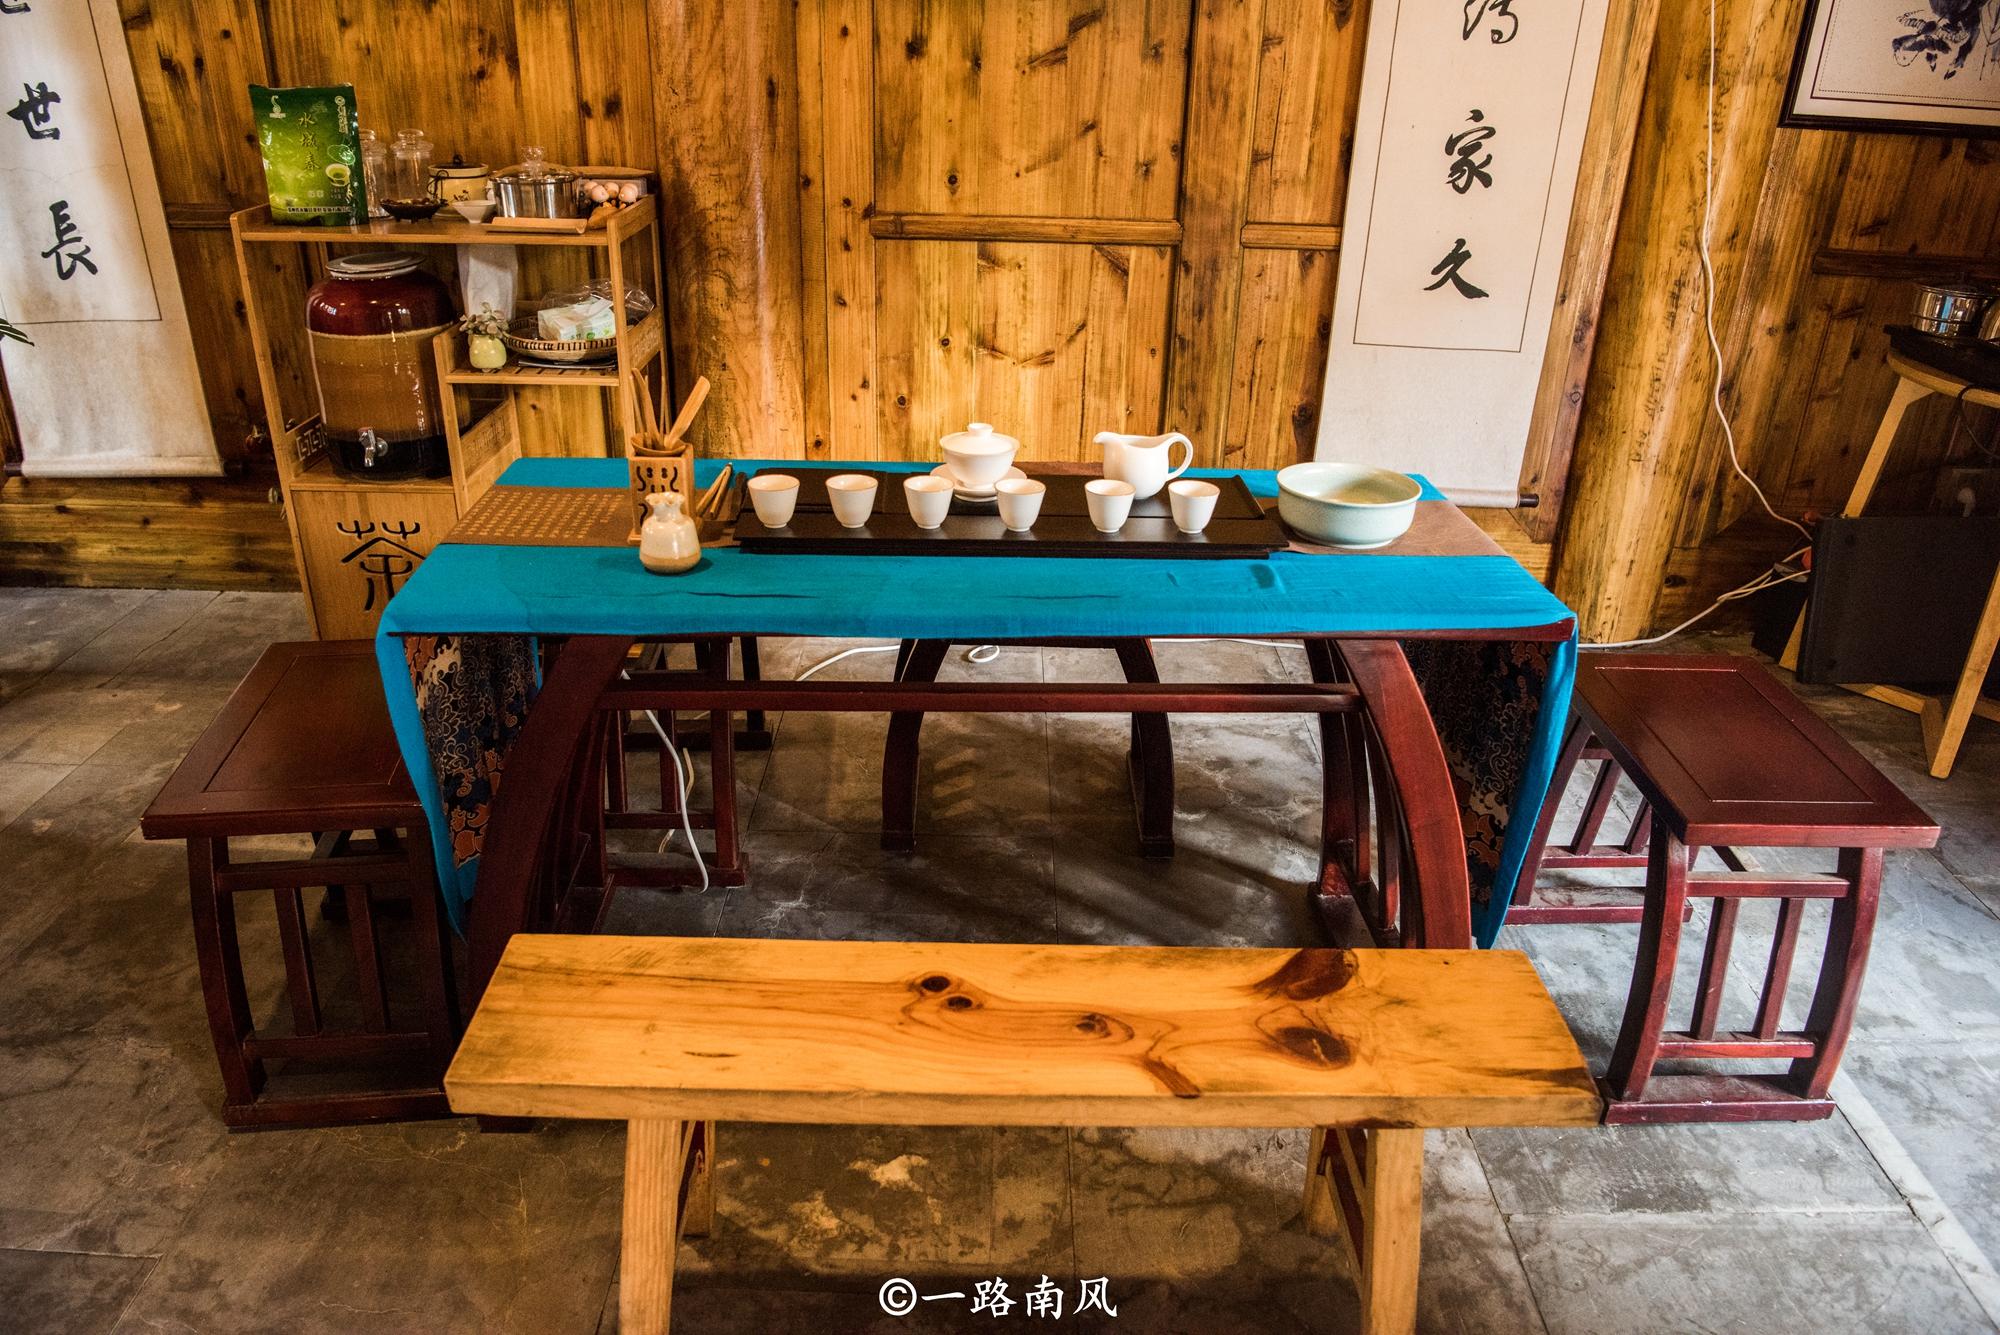 穿越空间之张氏_贵州六盘水的避暑古镇,一直低调地美着,至今少人知道?_水城